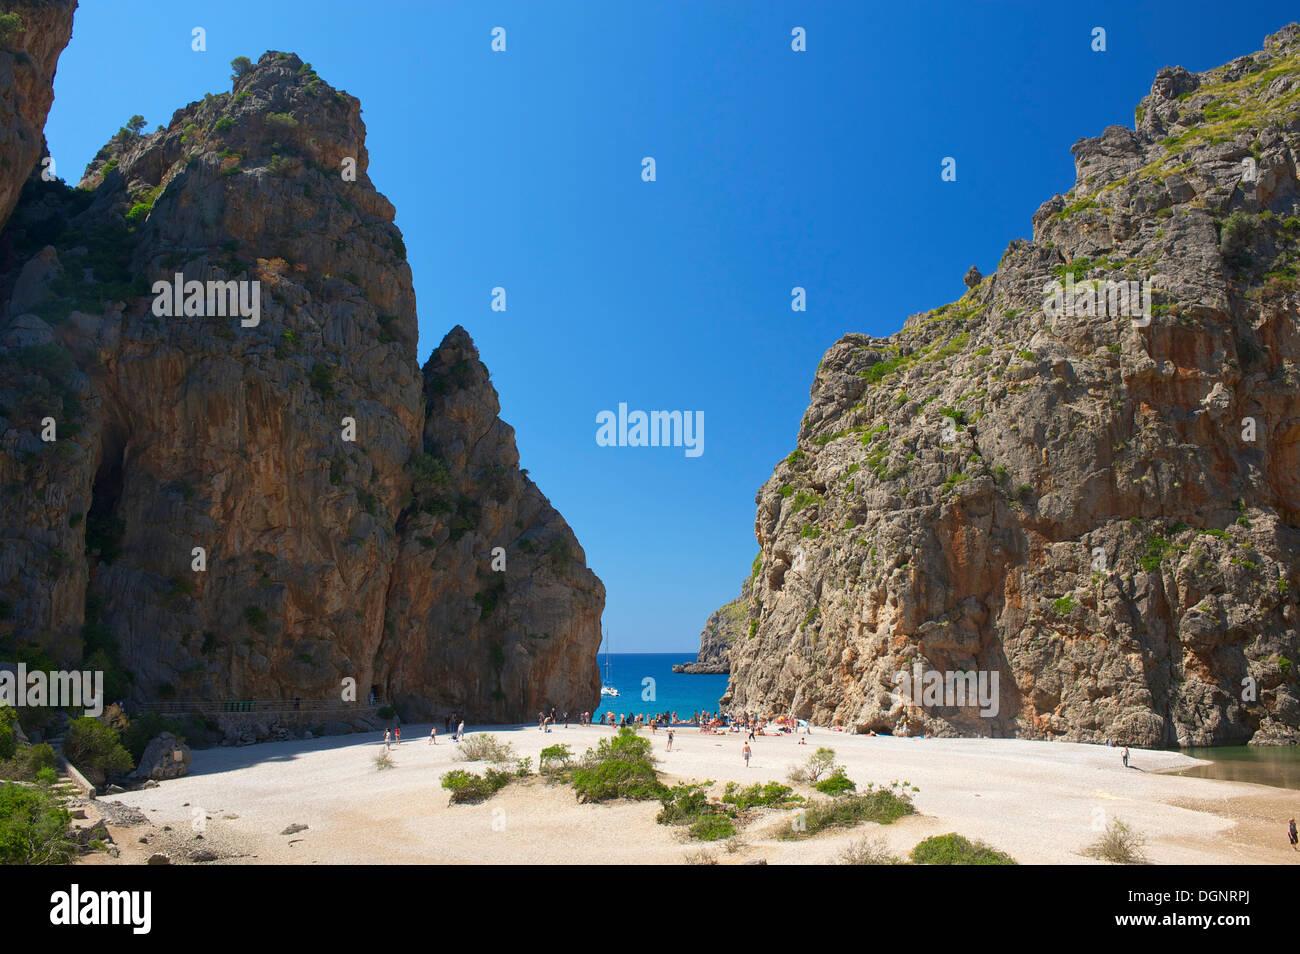 Cala de sa Calobra bay, Serra de Tramuntana, Sa Calobra, Serra de Tramuntana, Majorca, Balearic Islands, Spain - Stock Image